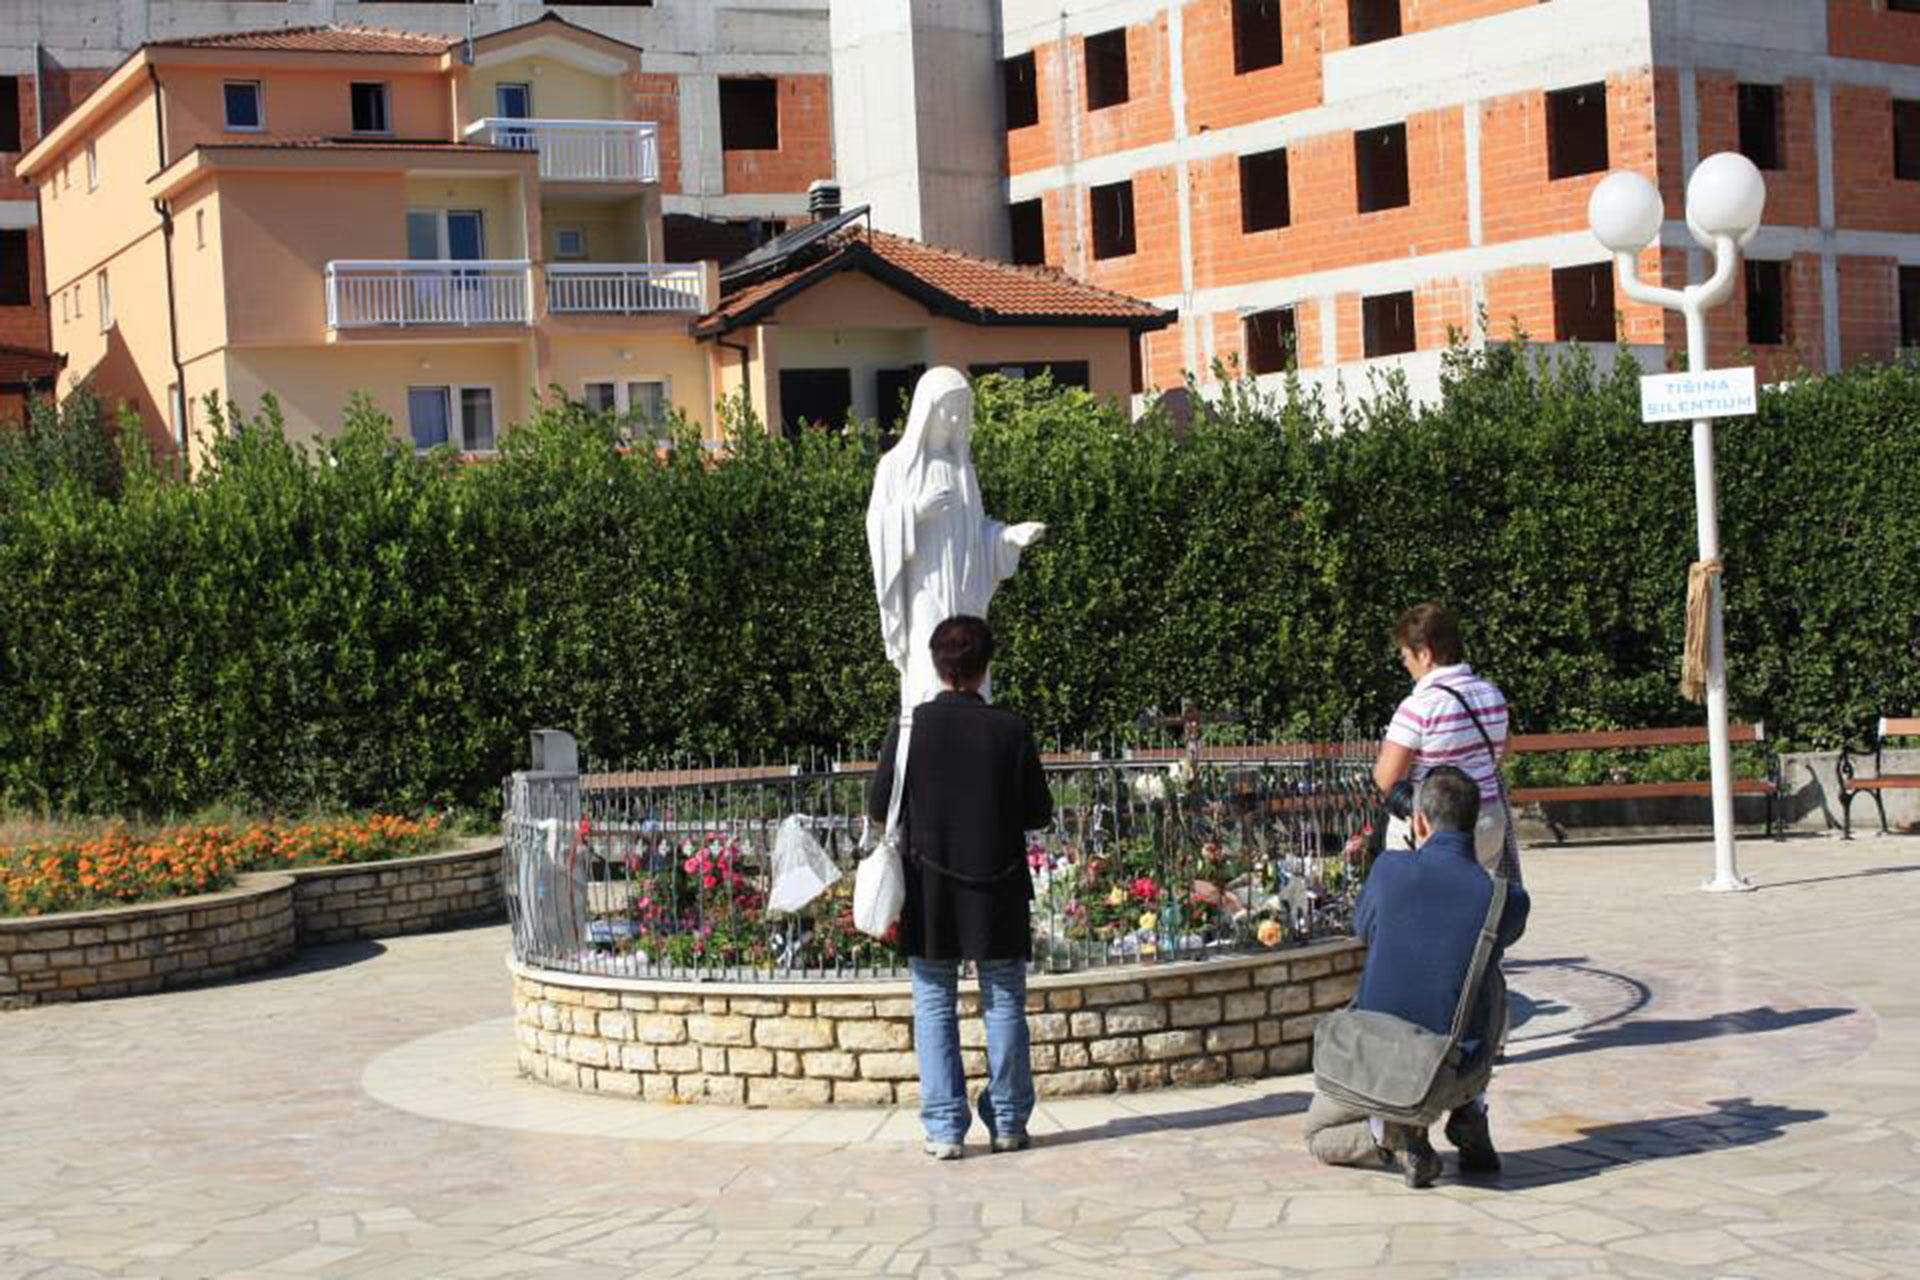 Estatua de la Virgen frente a la iglesia